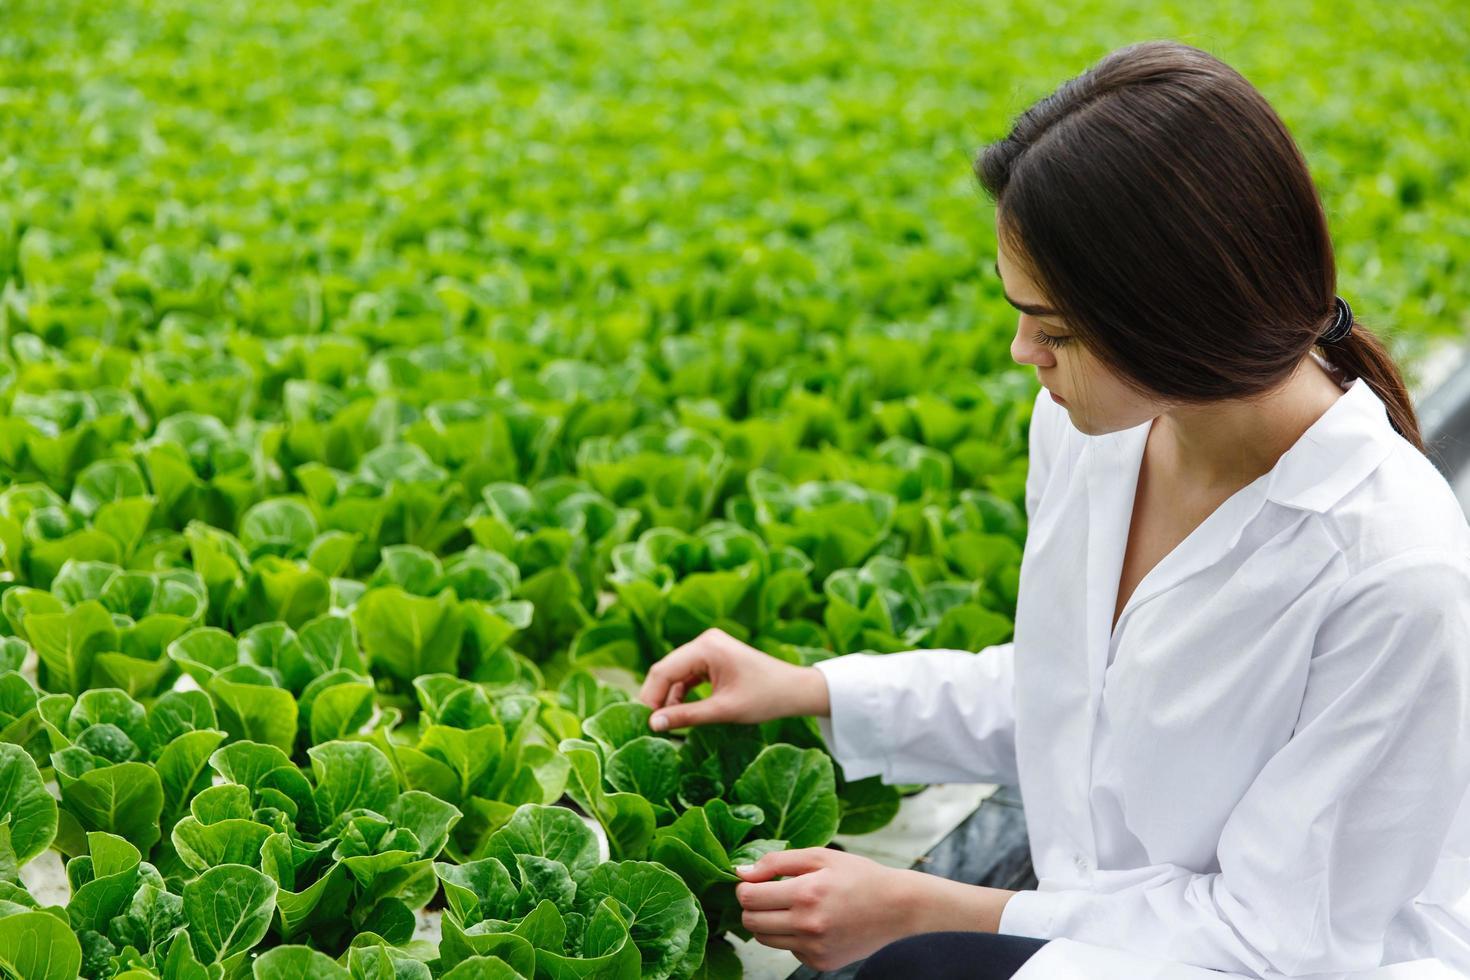 Frau im weißen Laborgewand untersucht Salat und Kohl foto